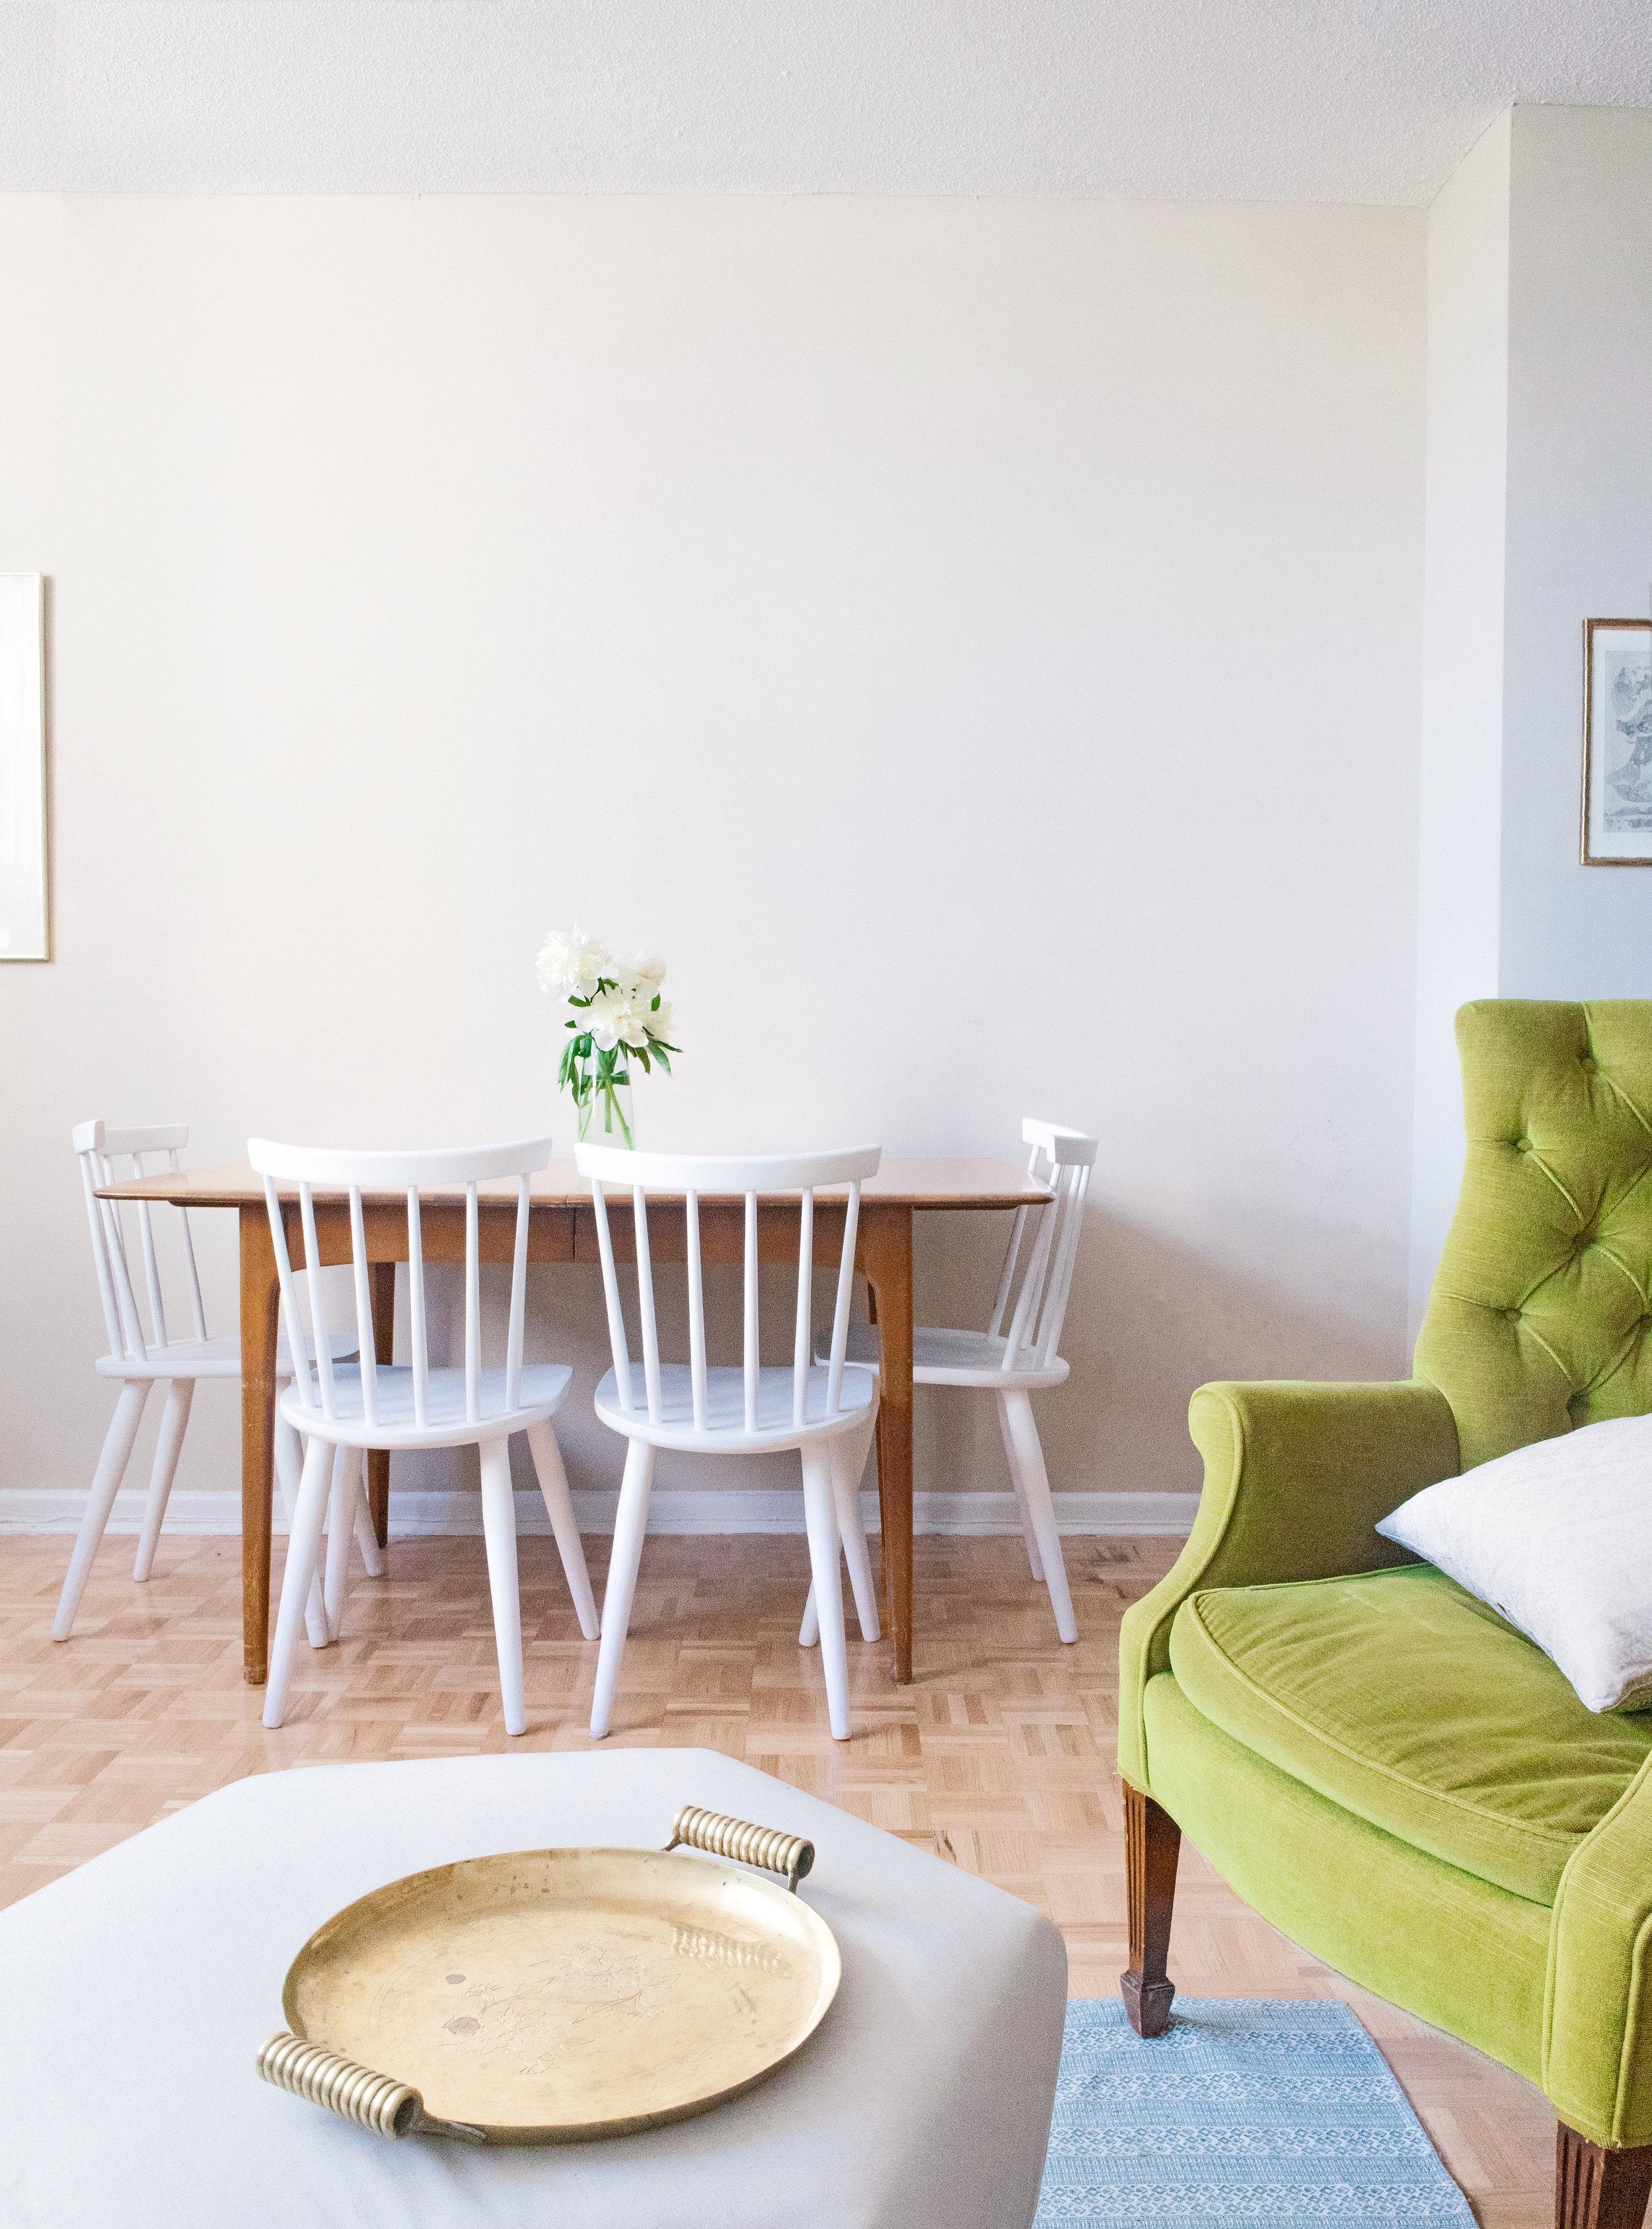 laura-vidal-design-living-dining-room.jpg